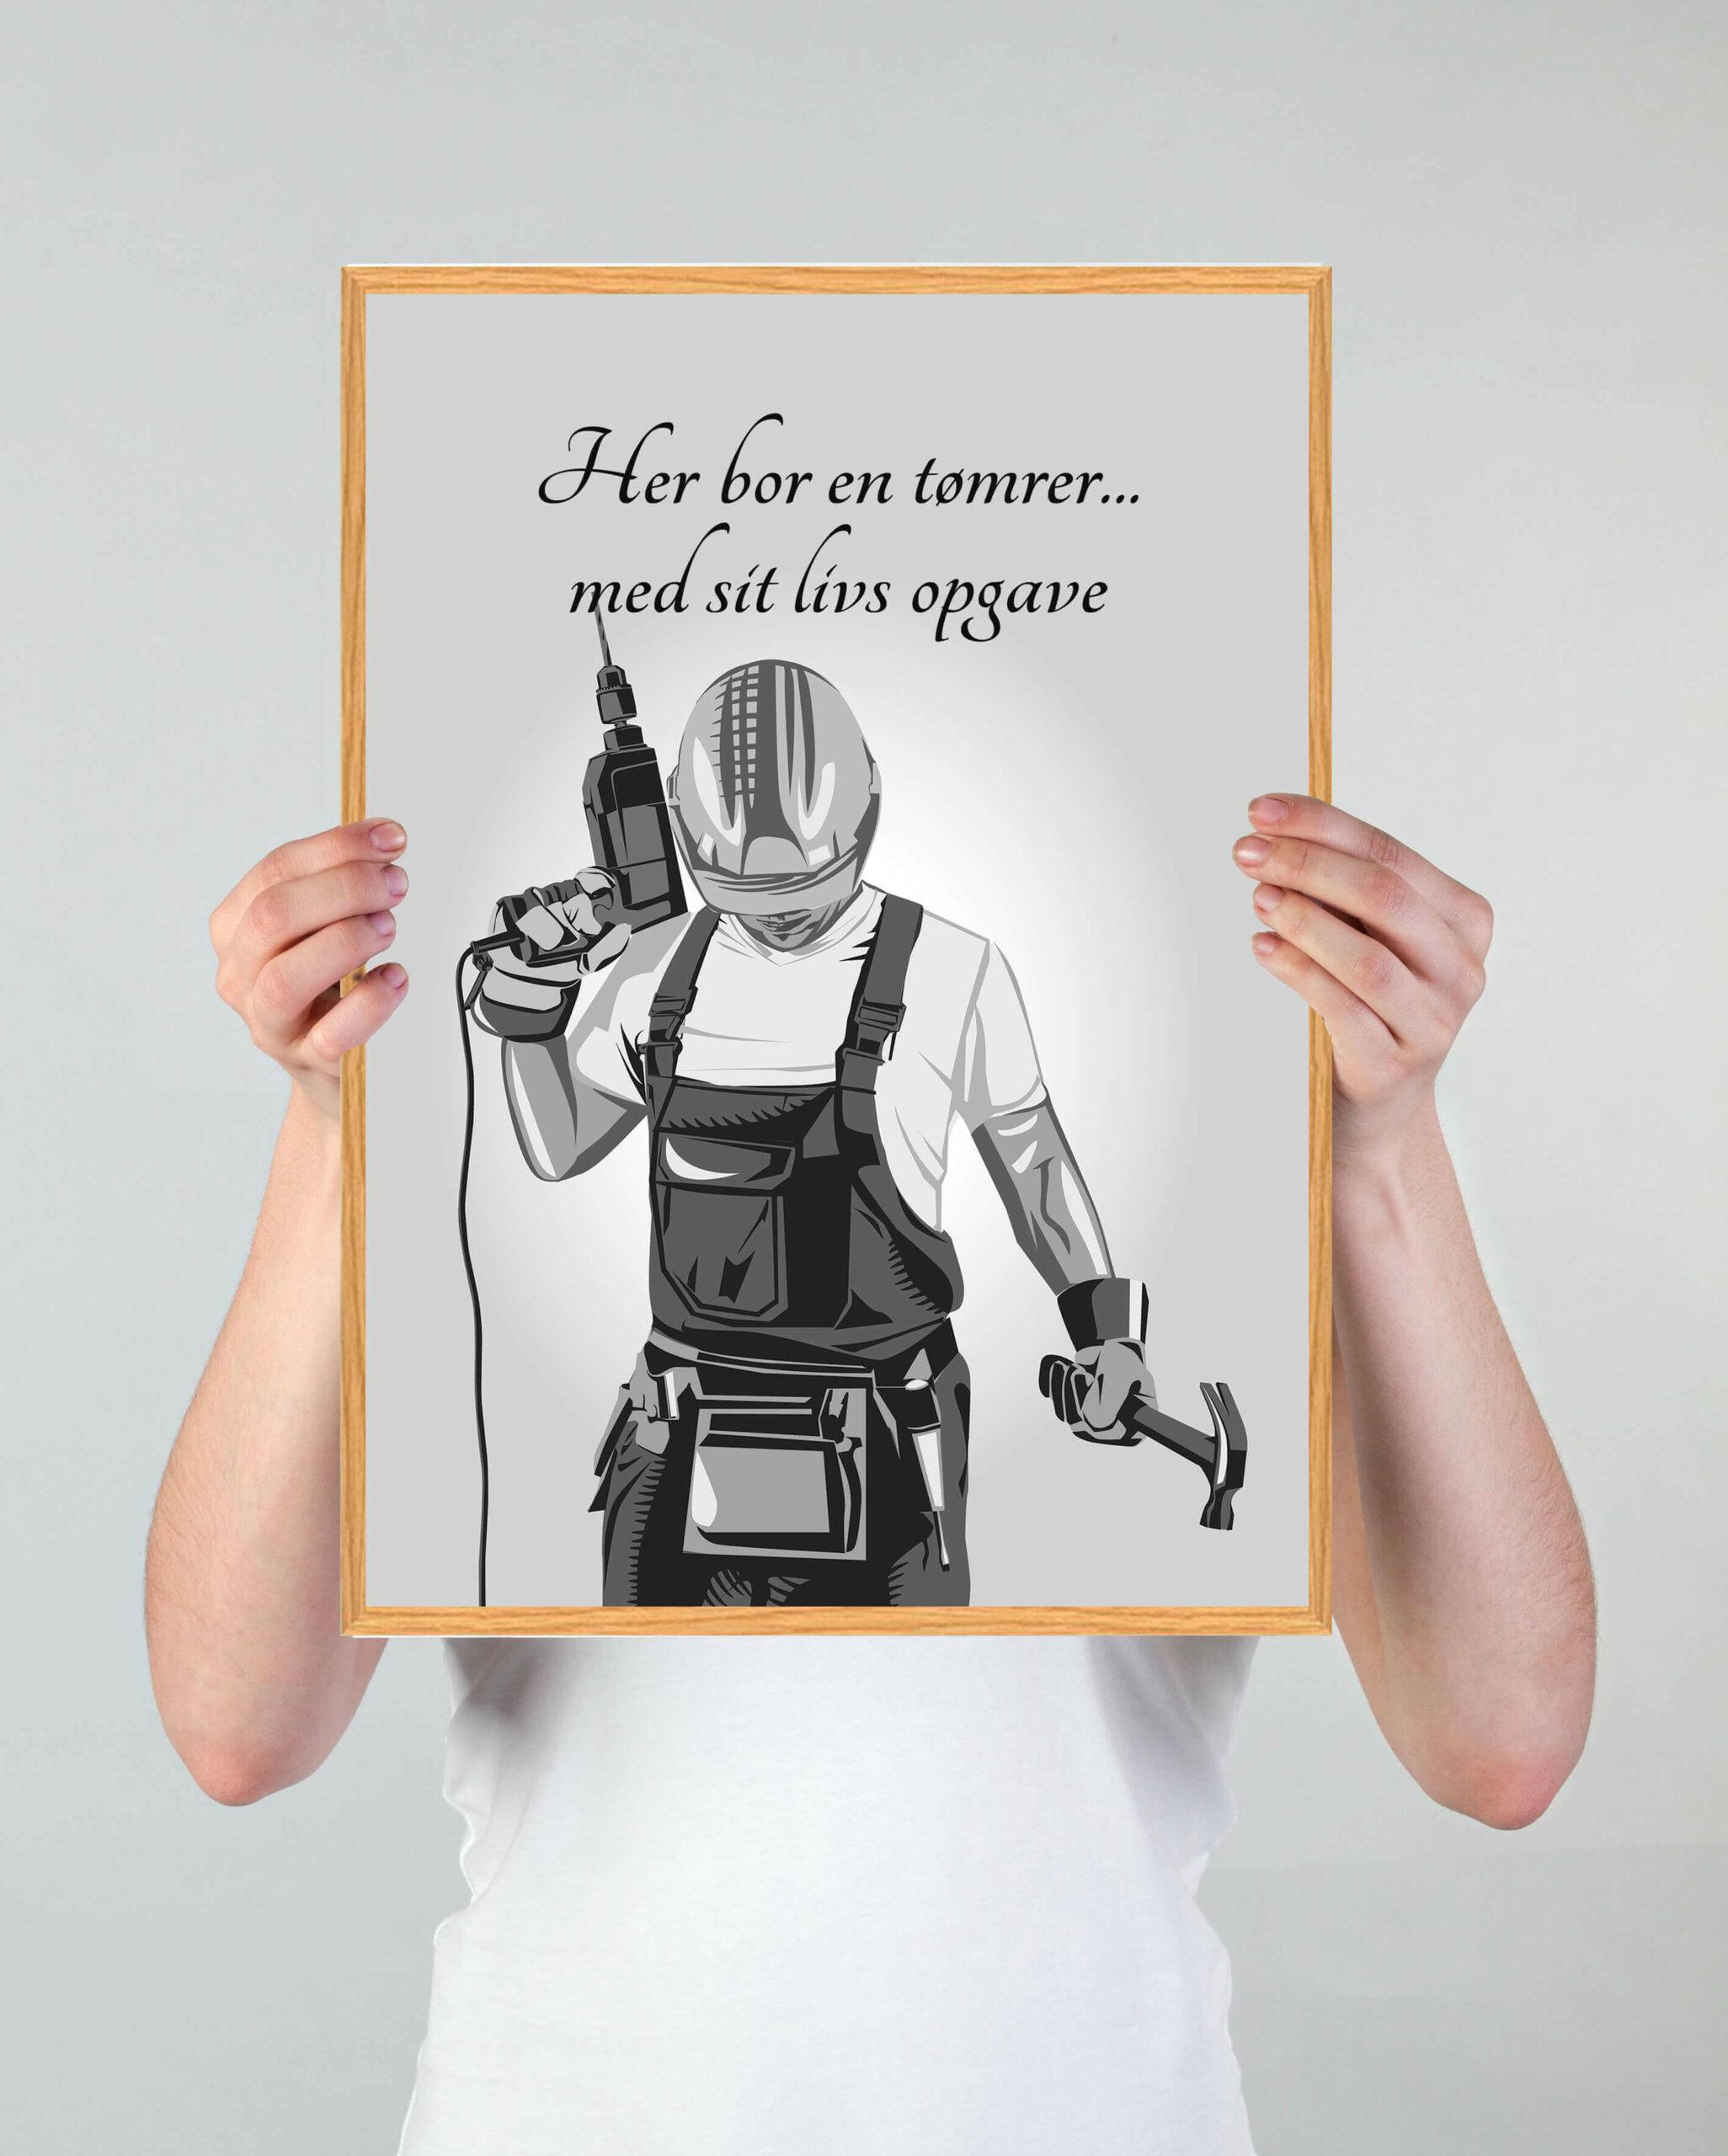 toemrer-job-plakat